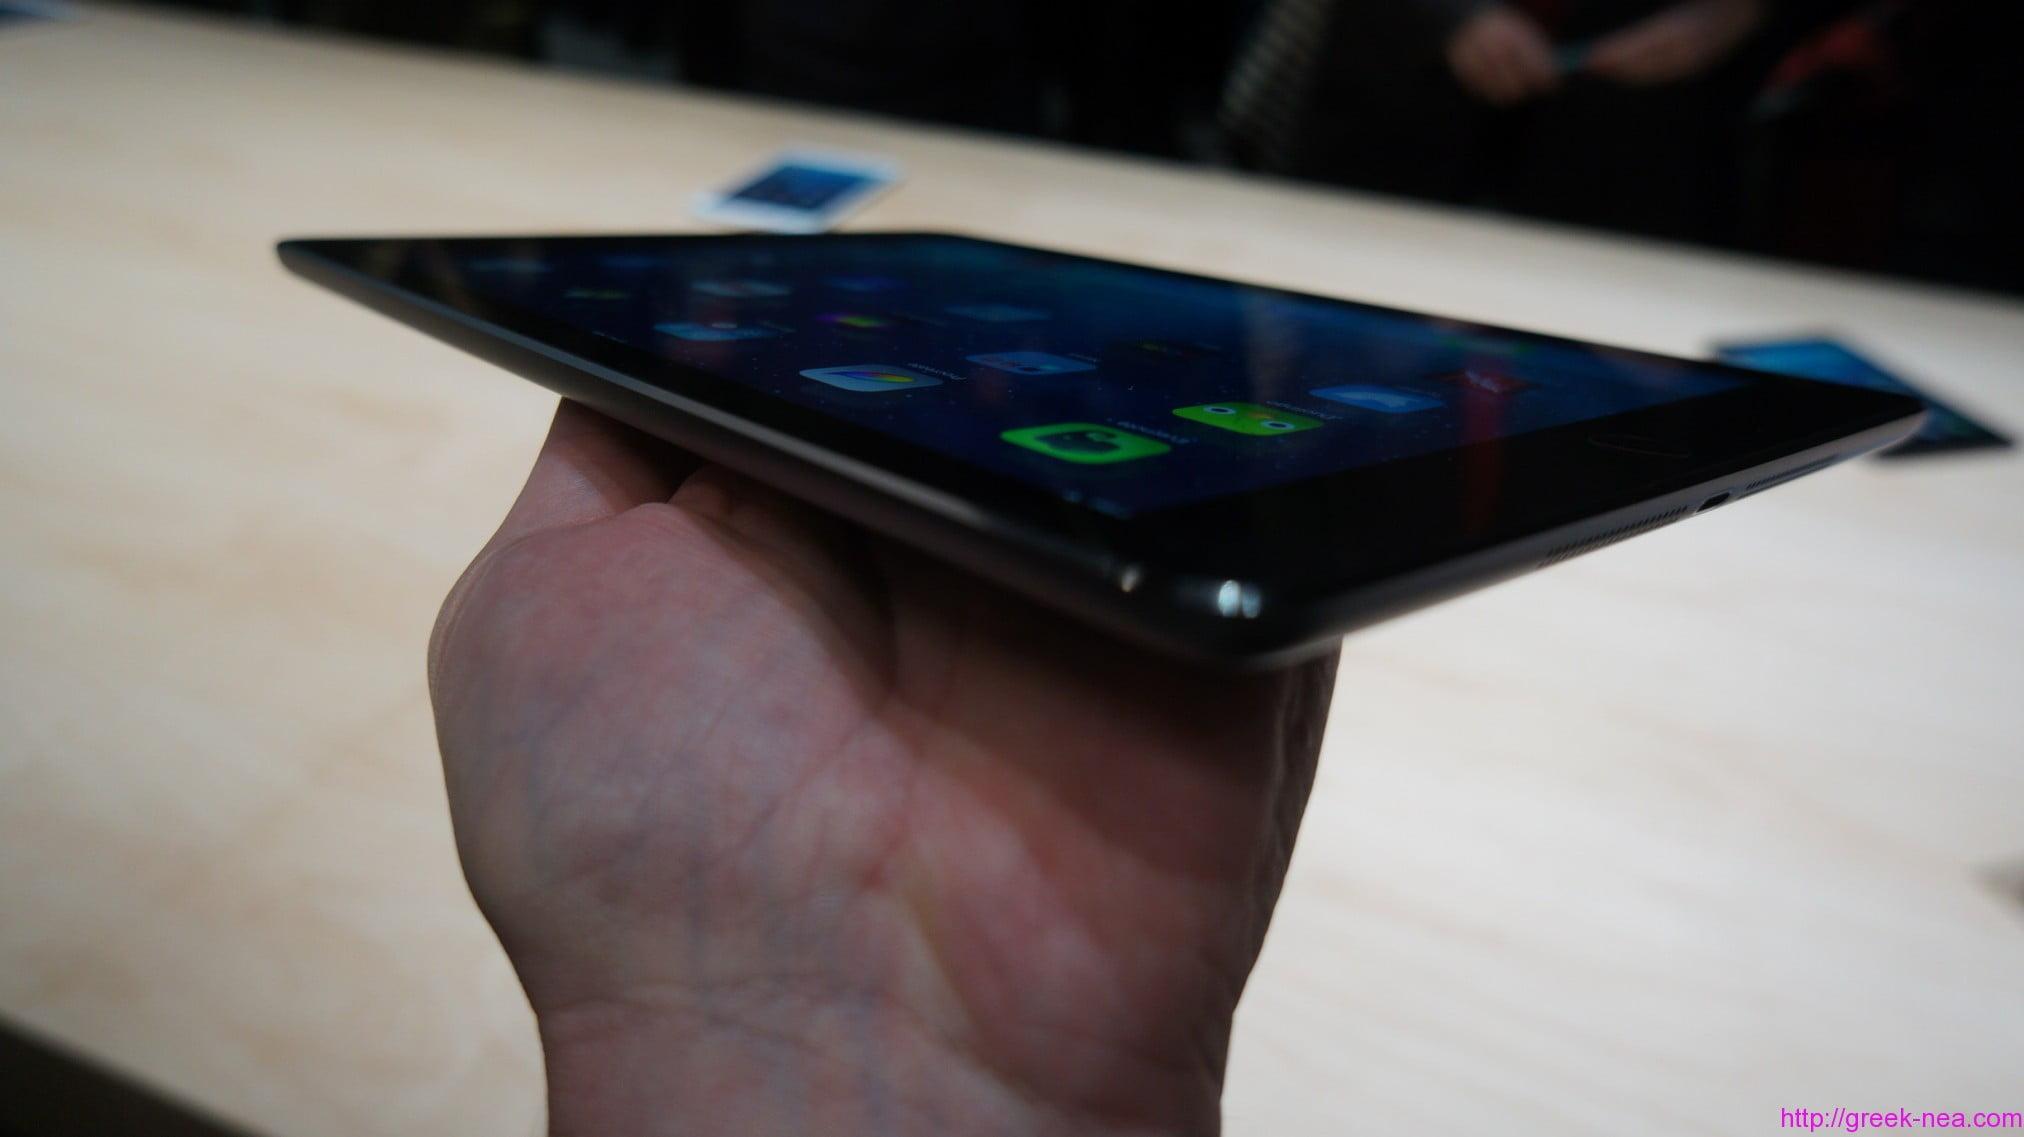 το iPad Air, είναι και πιο ελαφρό και μικρότερο από το κανονικό iPad